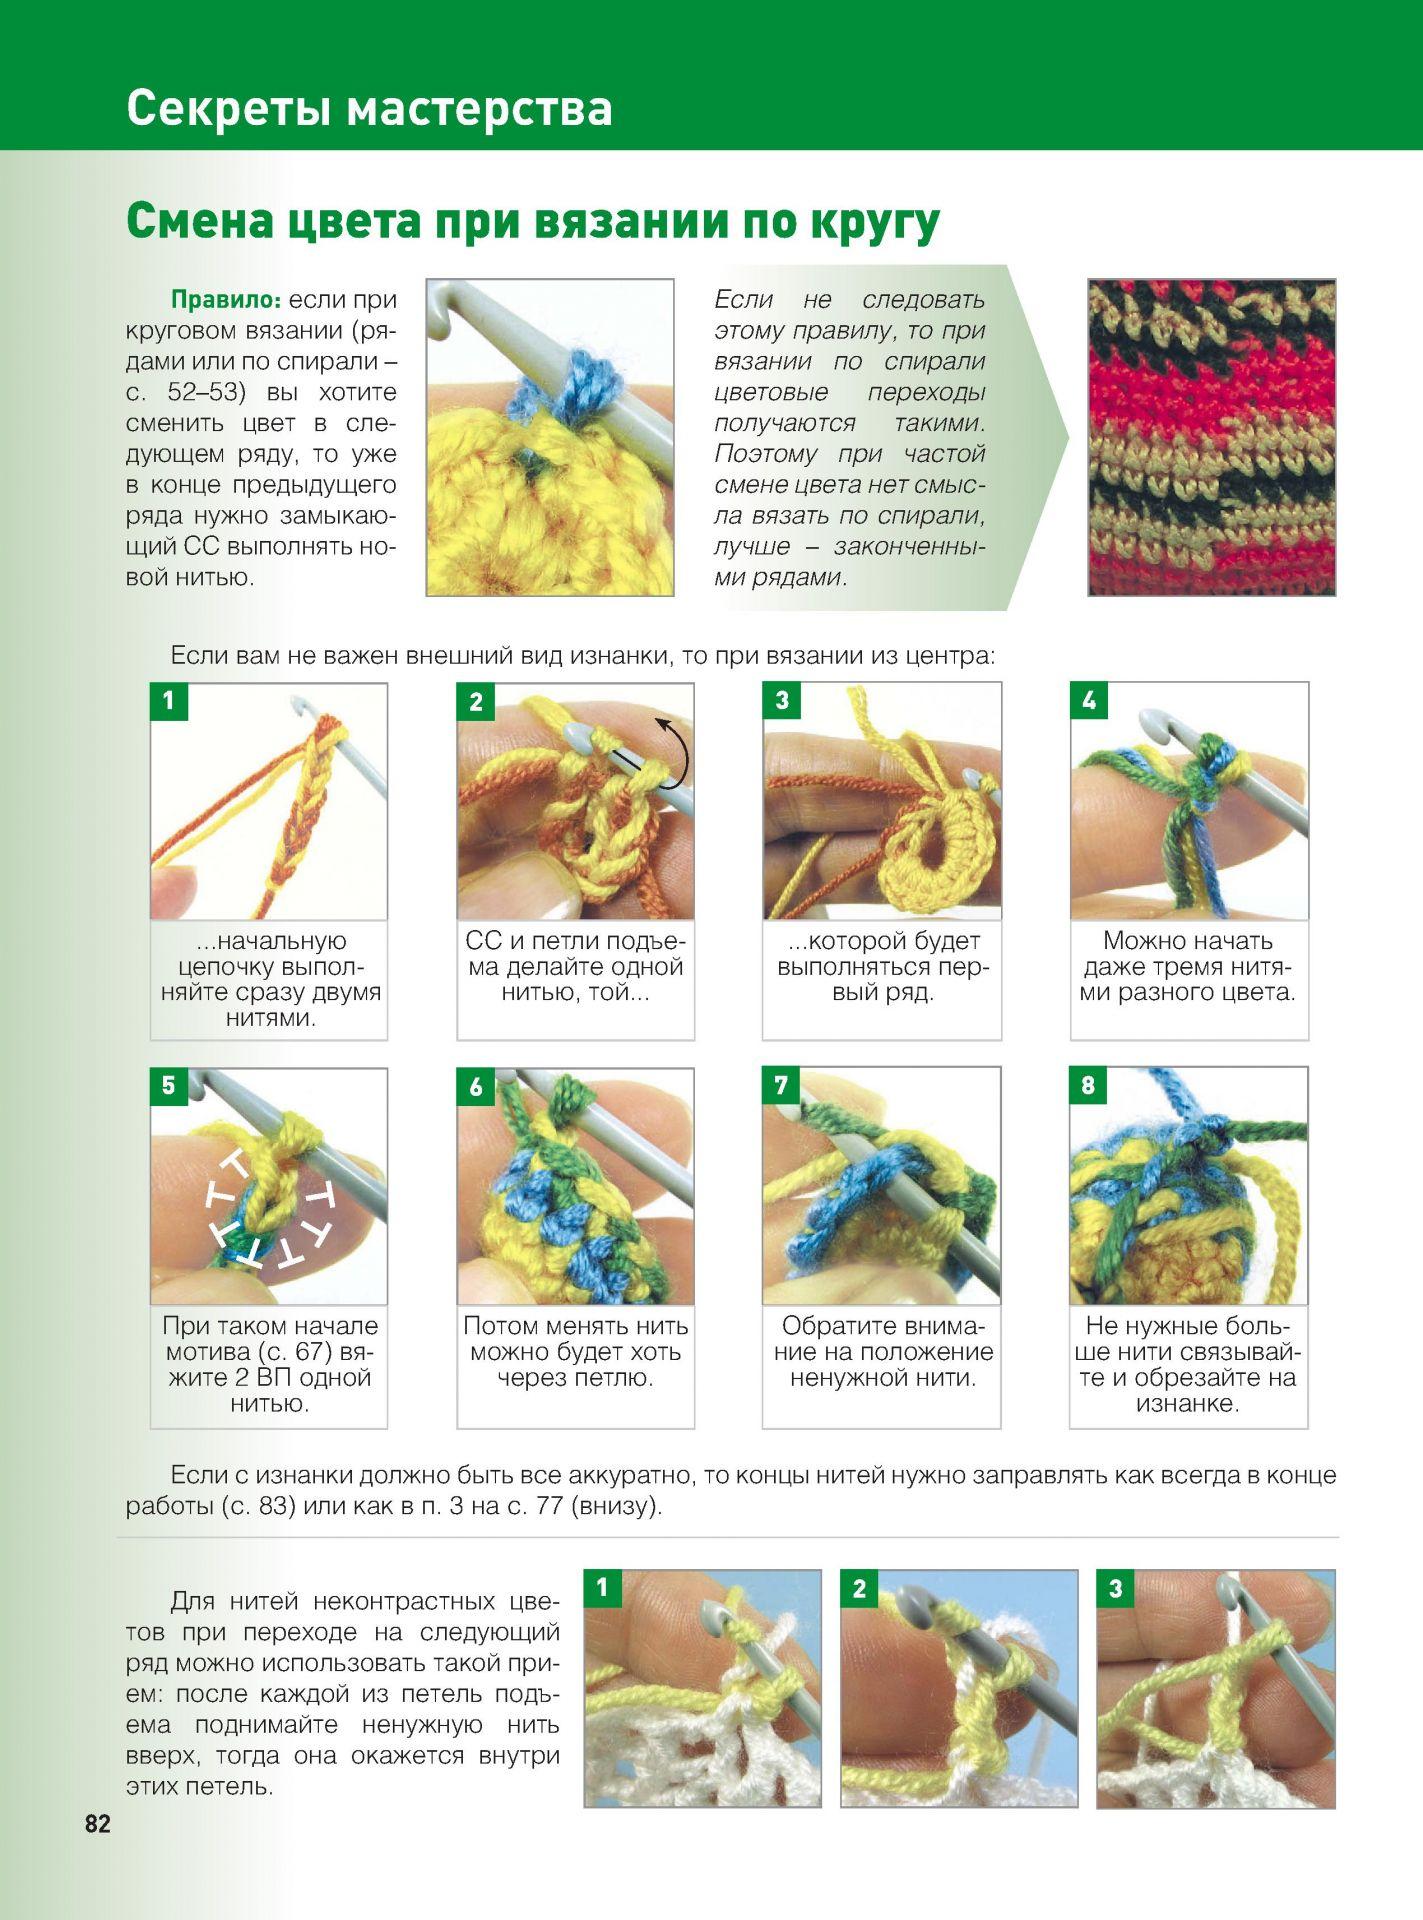 Как сделать переход цвета при вязании